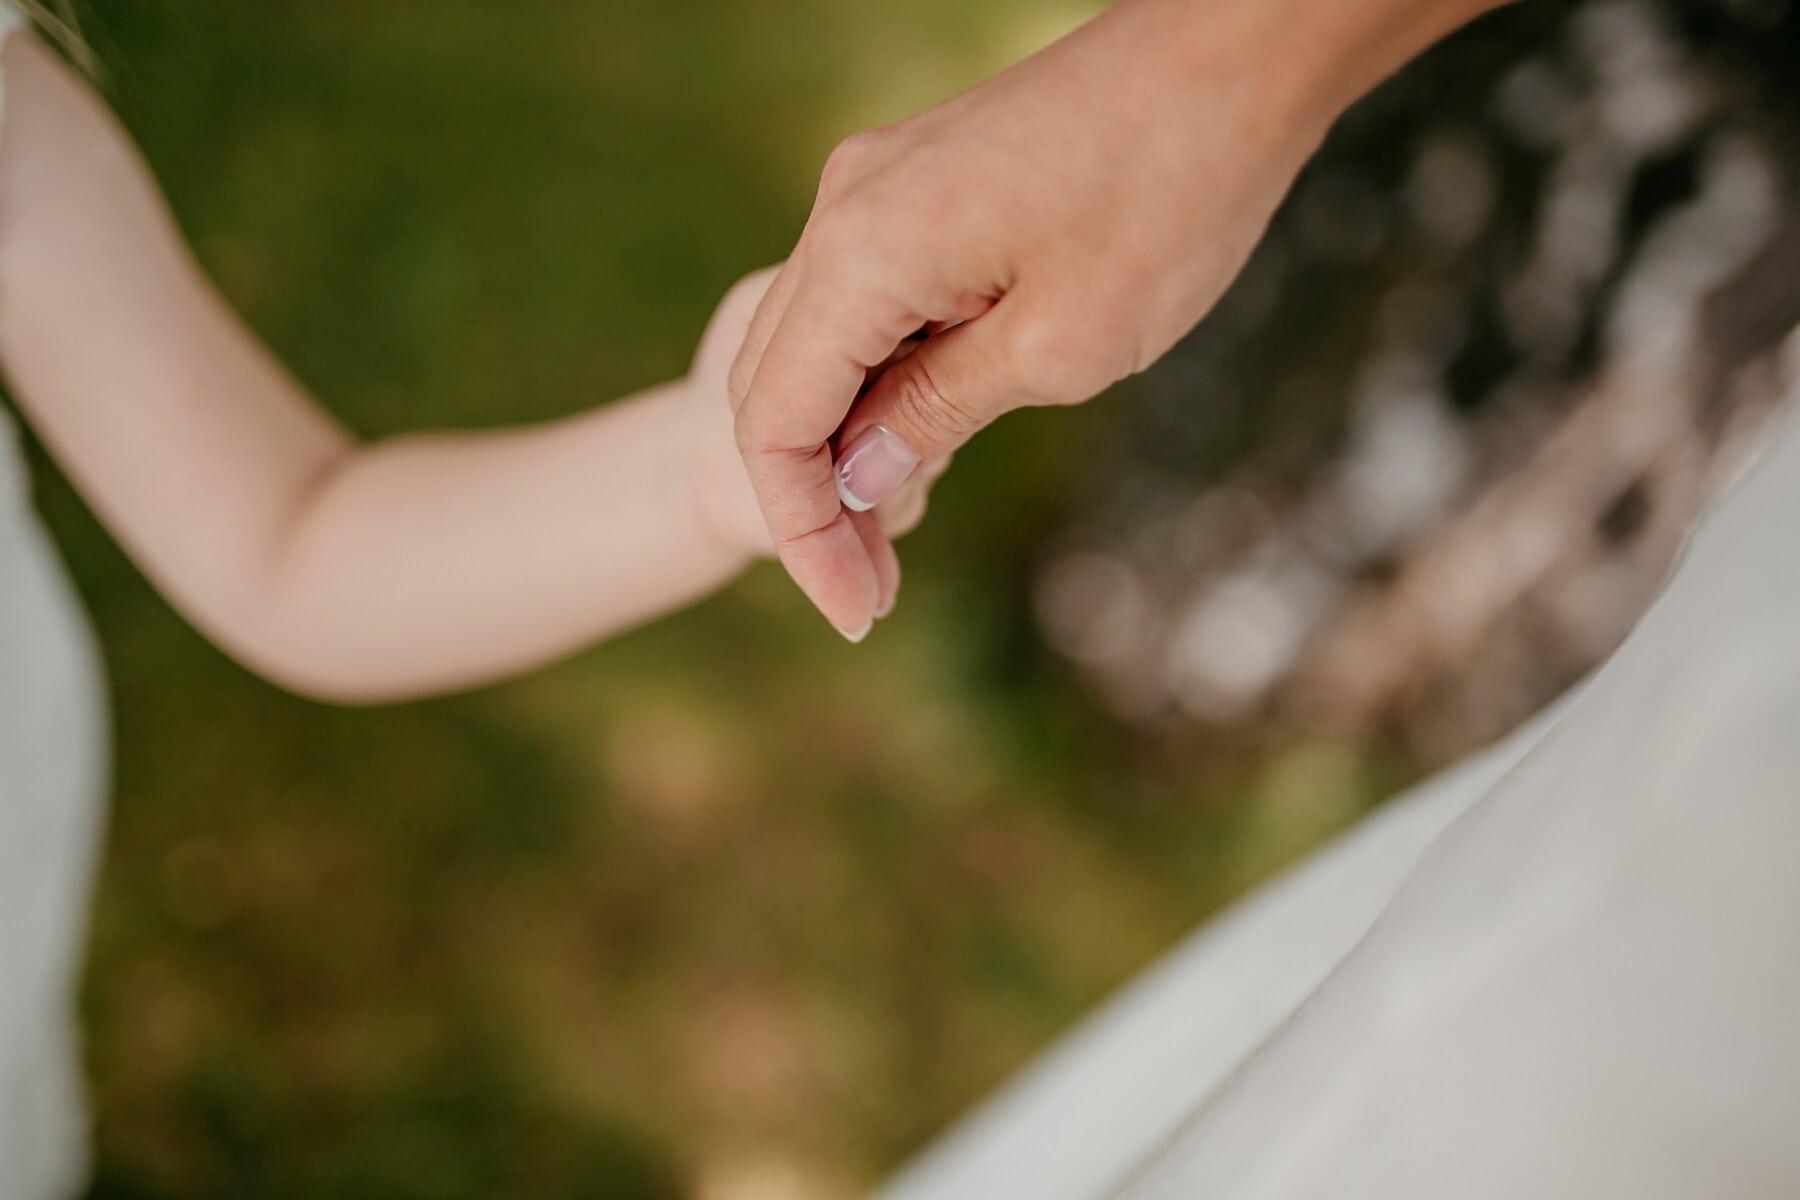 țin de mâini, mâinile, Maternitatea, deget, mama, atingere, fiica, familia, dragoste, încredere